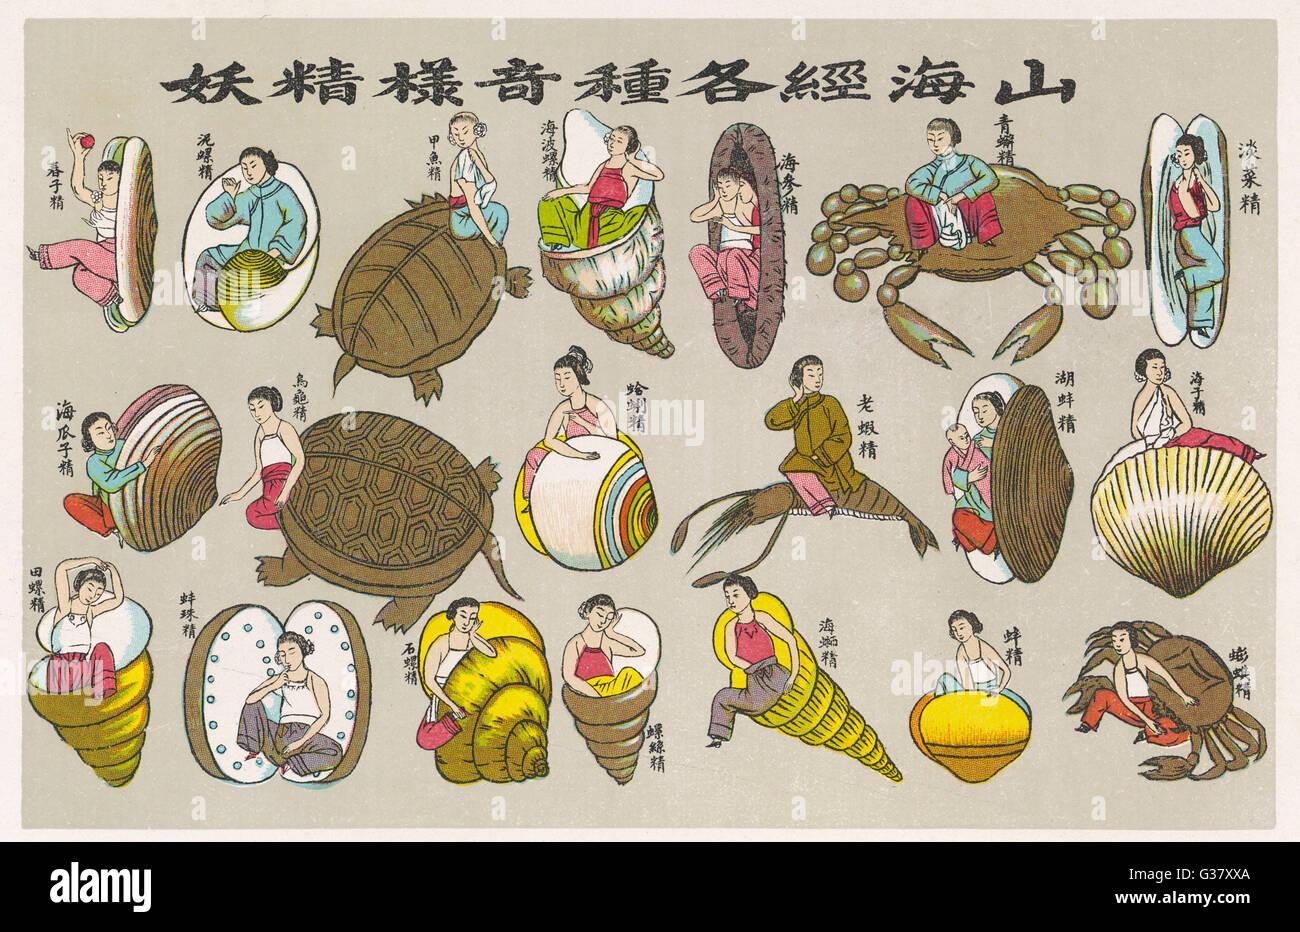 El concepto budista del ciclo de re-nacimiento: el alma es nacido de nuevo como un marisco(3 de 4). Fecha: 1915 Imagen De Stock